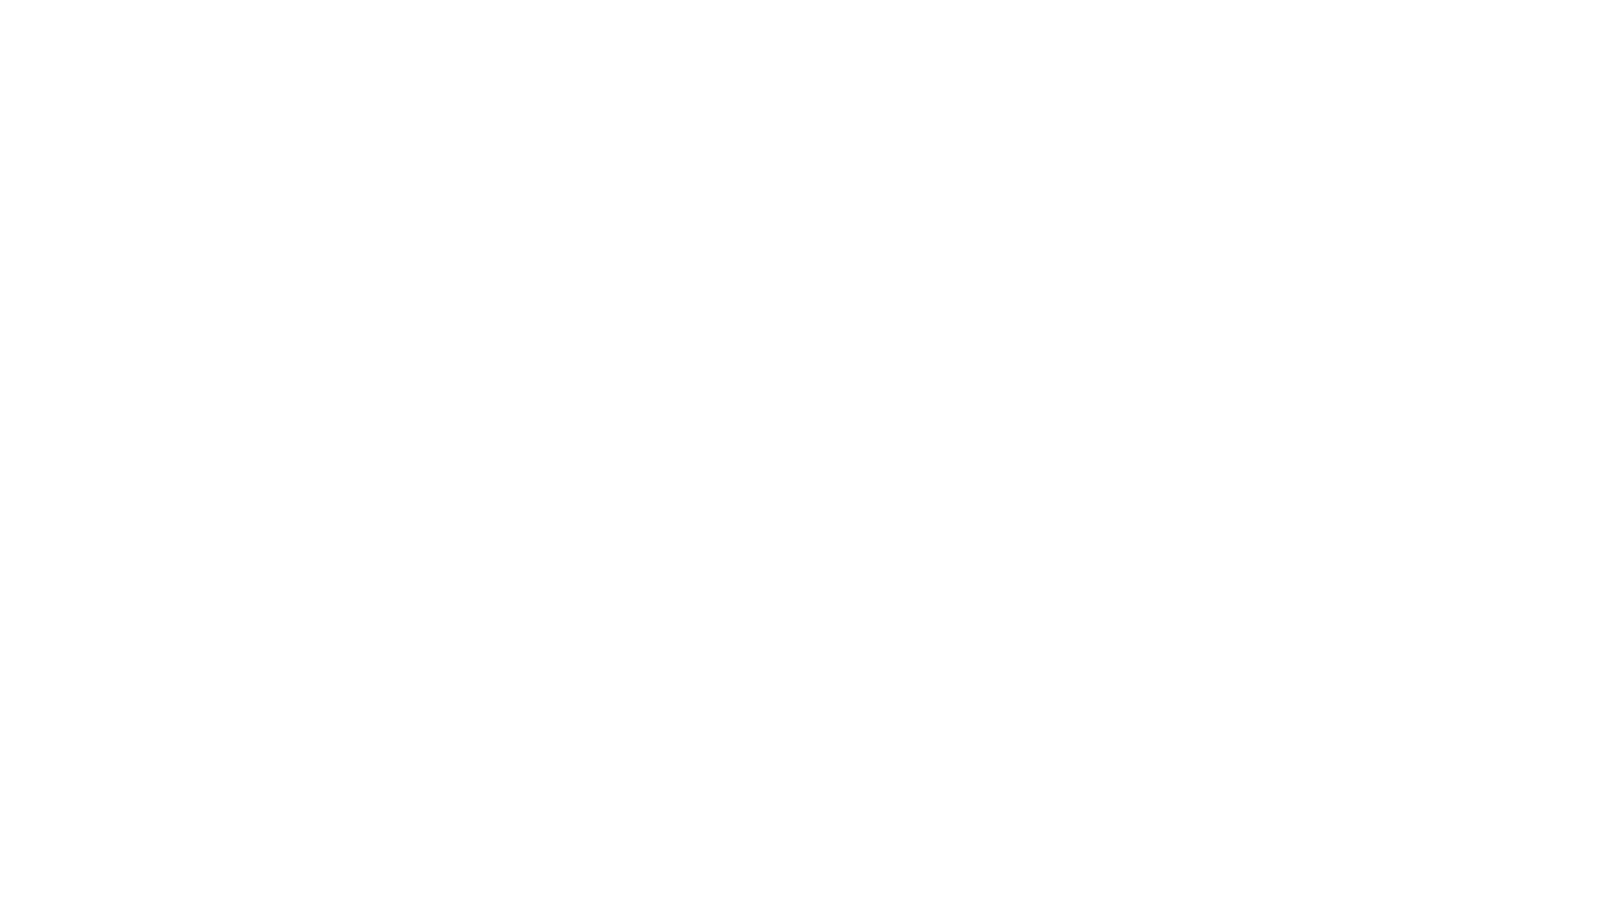 Šį kartą trumpa pažintis su dar viena Taro kortų kalade Santa Muerte Tarot (Šventosios Mirties Taro), kurią sukūrė italų menininkas Fabio Listrani. Jau anksčiau esu pristačiusi to paties autoriaus Night Sun Tarot bei Goetia - Tarot in Darkness.  Santa Muerte Taro kortos - viena iš mano mylimiausių Taro kaladžių, su kuria draugauju jau keletą metų. Kai kurie kolegos neįsivaizduoja manęs be skeletų :D Tad trumpai apie kaladę, pridėtą knygelę ir, žinoma, korta po kortos.  Ką gi, jei ši Taro kaladė kažkam patiko ir norėtumėte ją įsigyti, tą galite padaryti čia: https://www.shop.taro-kortos.lt/preke/santa-muerte-tarot-fabio-listrani/  Nepamirškite prenumeruoti mano kanalo: https://www.youtube.com/channel/UCxsyxIb6nI2MJH71PMm76Bw?sub_confirmation=1 Ir būtų smagu, jei paspaustumėte PATINKA.  0:00 Įžanga 0:15 Apie kaladę 3:53 Knygelė 4:55 Kortos  5:18 Didieji Arkanai 6:50 Taurių mostis 7:54 Diskų mostis 8:54 Lazdų mostis 9:52 Kalavijų mostis 11:00 Apibendrinimas  Su meile, Laura ❤️ Taro kortos - Pasaulis Pagal Mane  #tarokortos #tarokortuapzvalgos #apietarokalades #taropasaulispagalmane #santamuertetarot